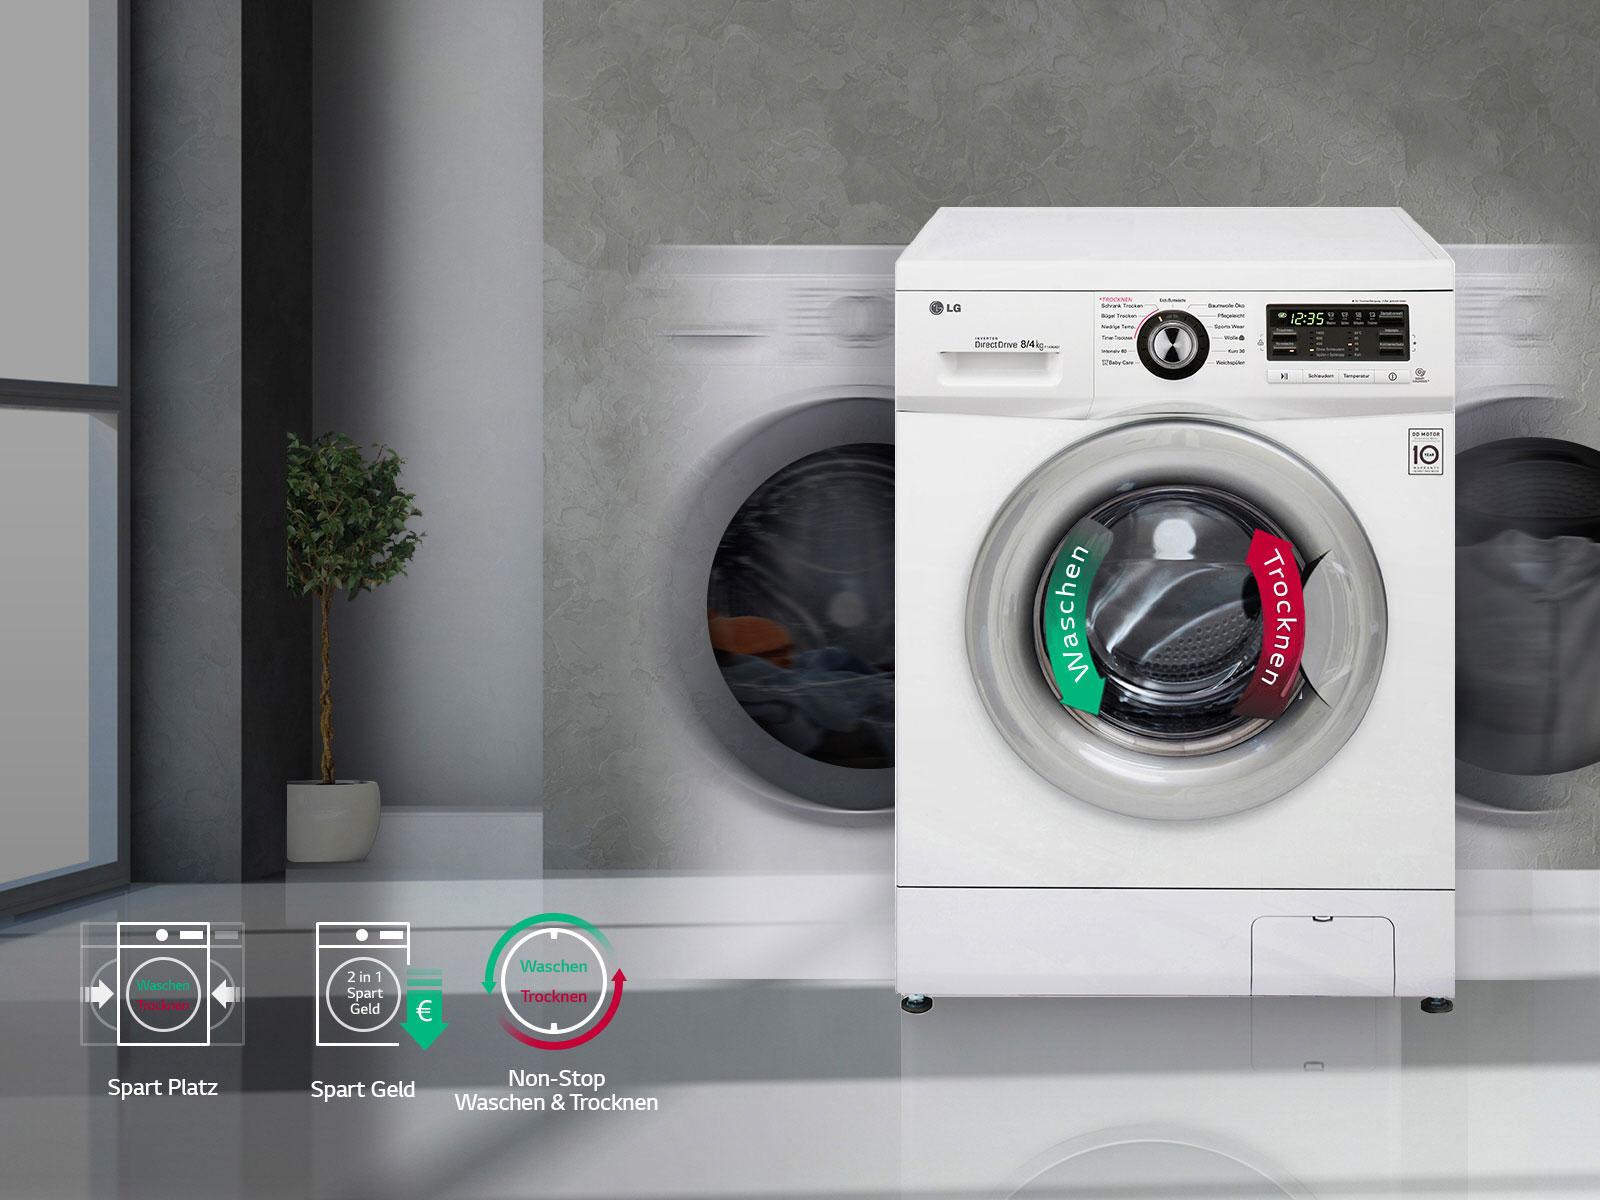 lg waschtrockner mit 6 motion directdrive technologie 8. Black Bedroom Furniture Sets. Home Design Ideas